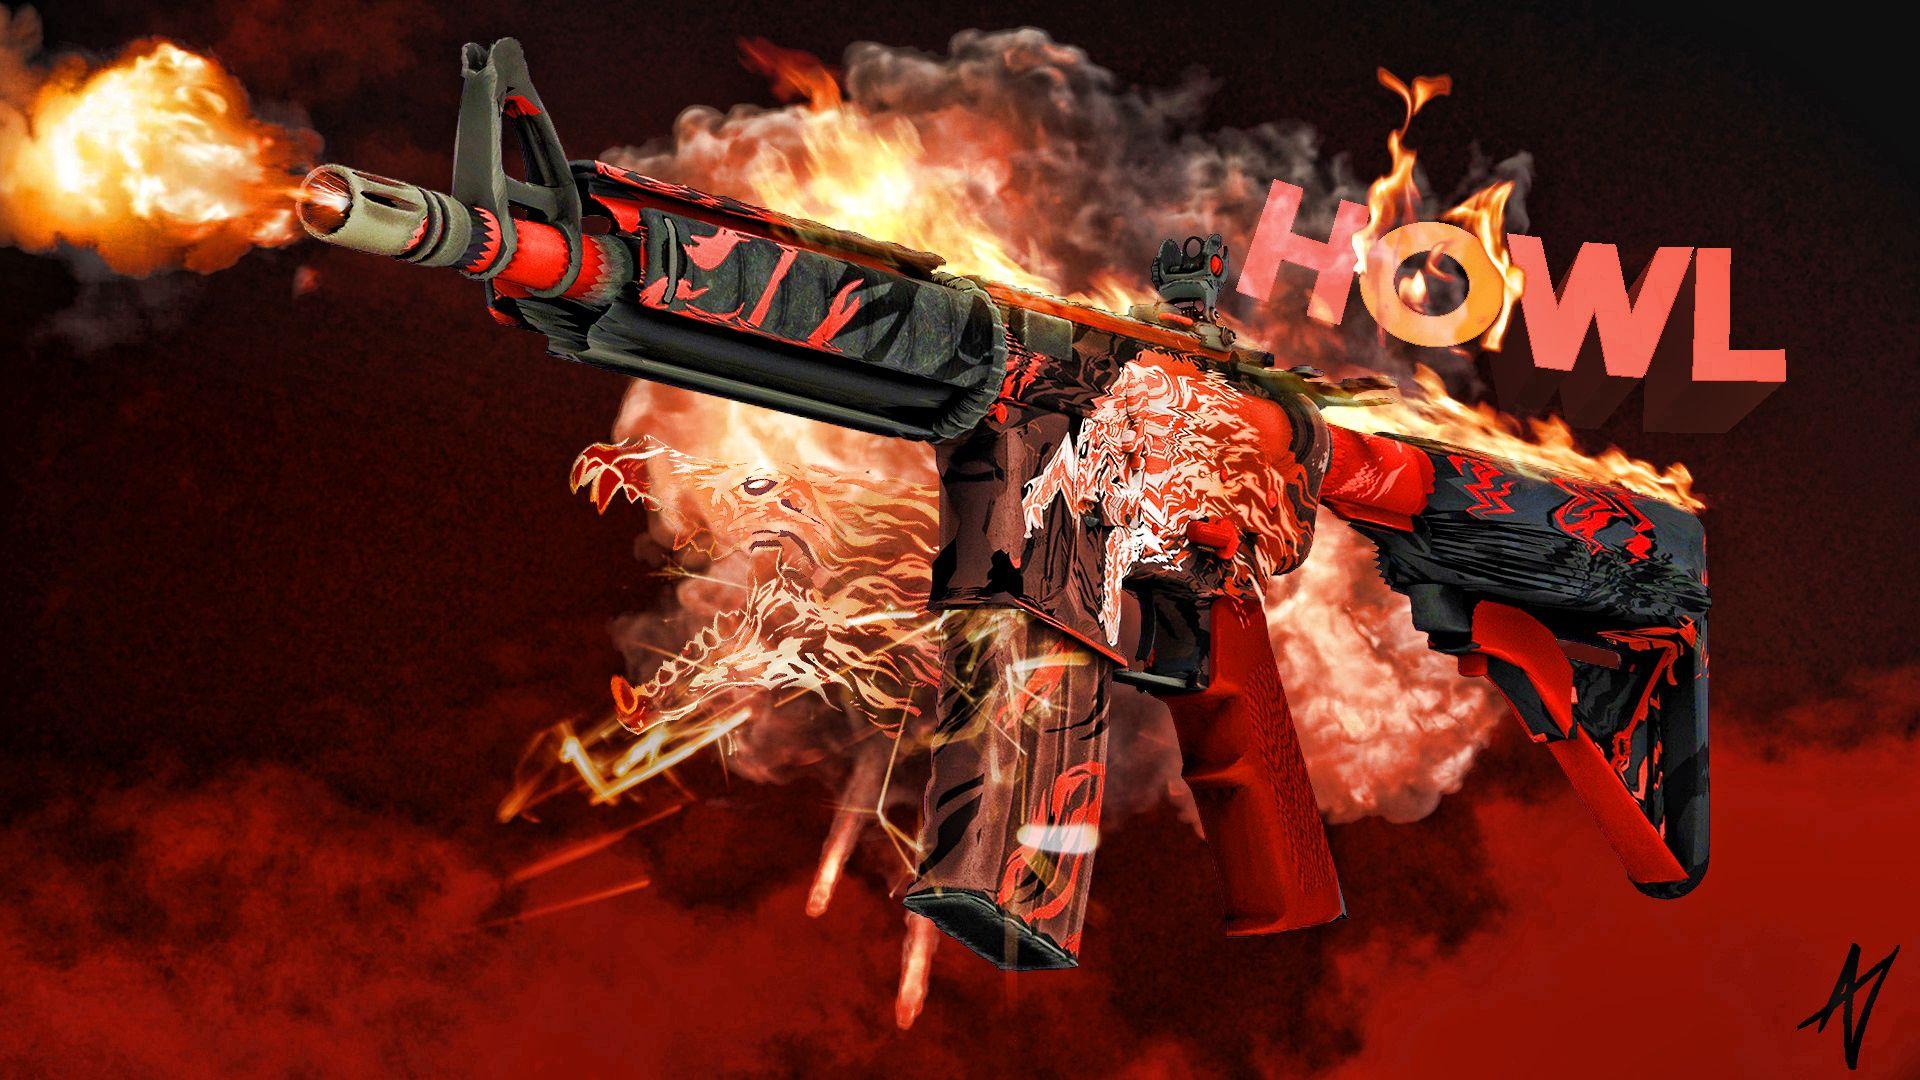 Howl CS GO Wallpapers   Top Howl CS GO Backgrounds 1920x1080